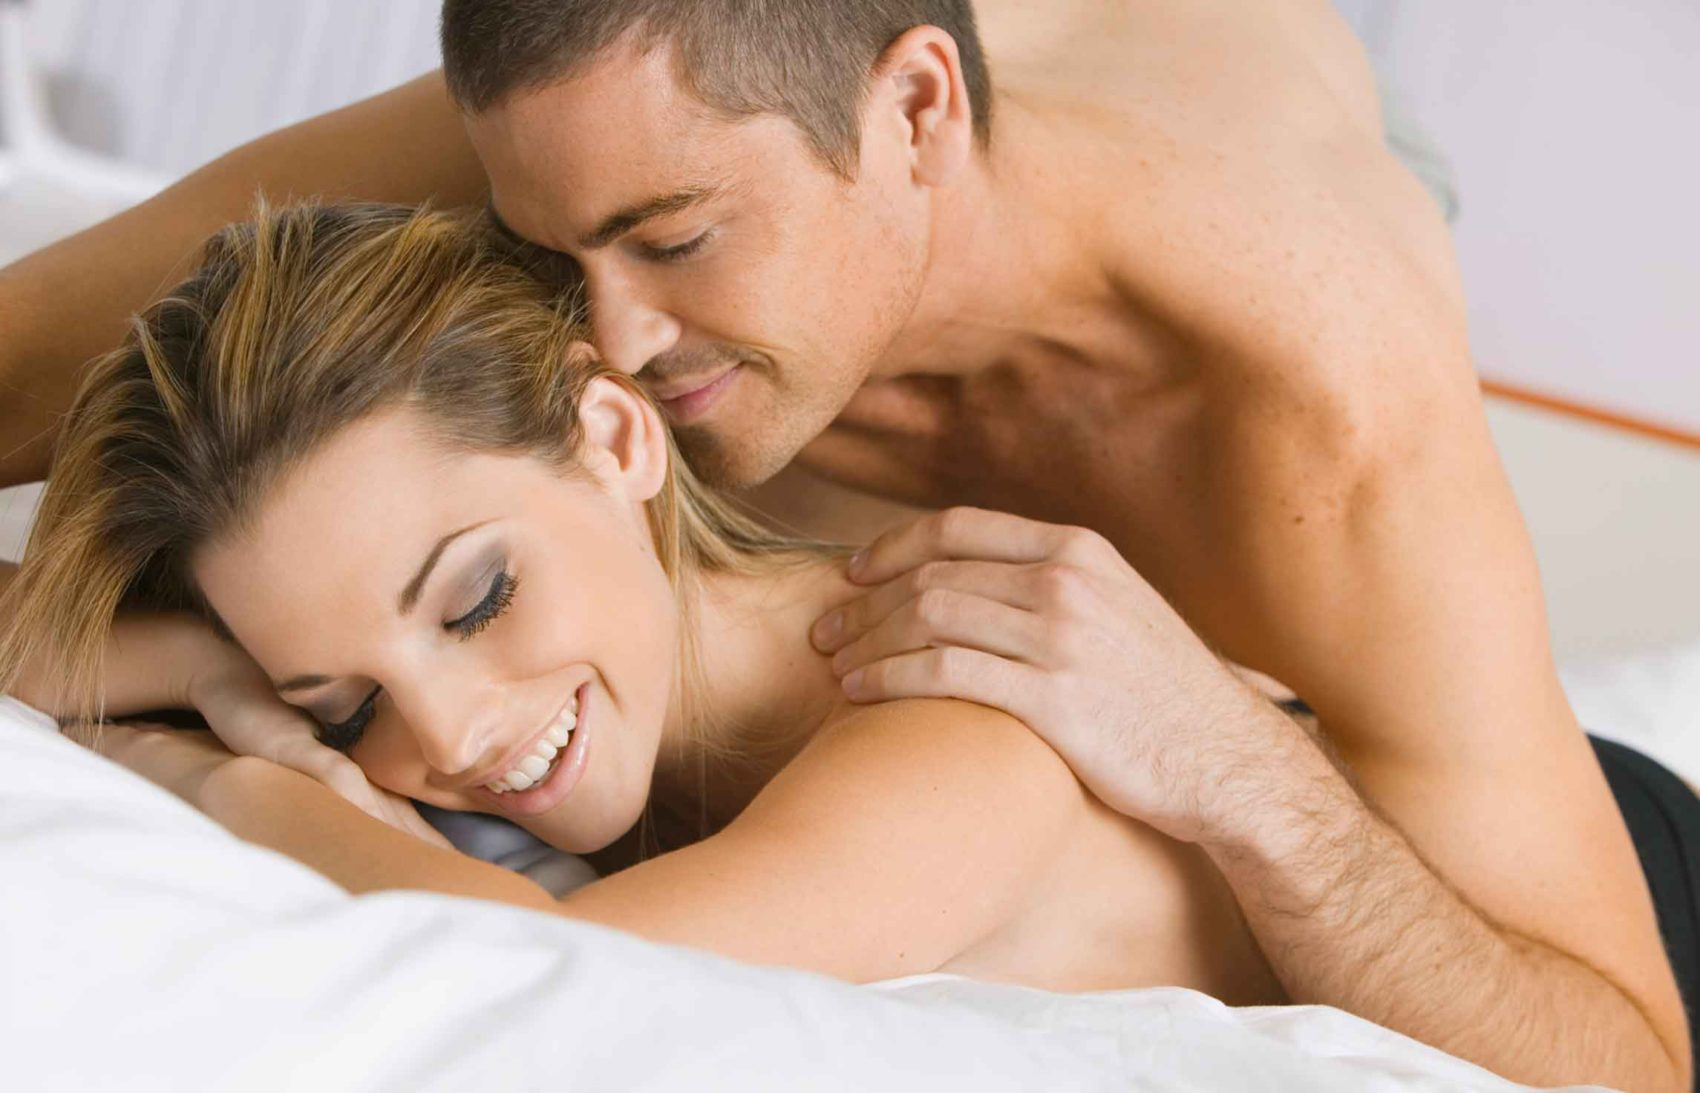 Το σεξ μειώνει τον κίνδυνο καρκίνου του προστάτη